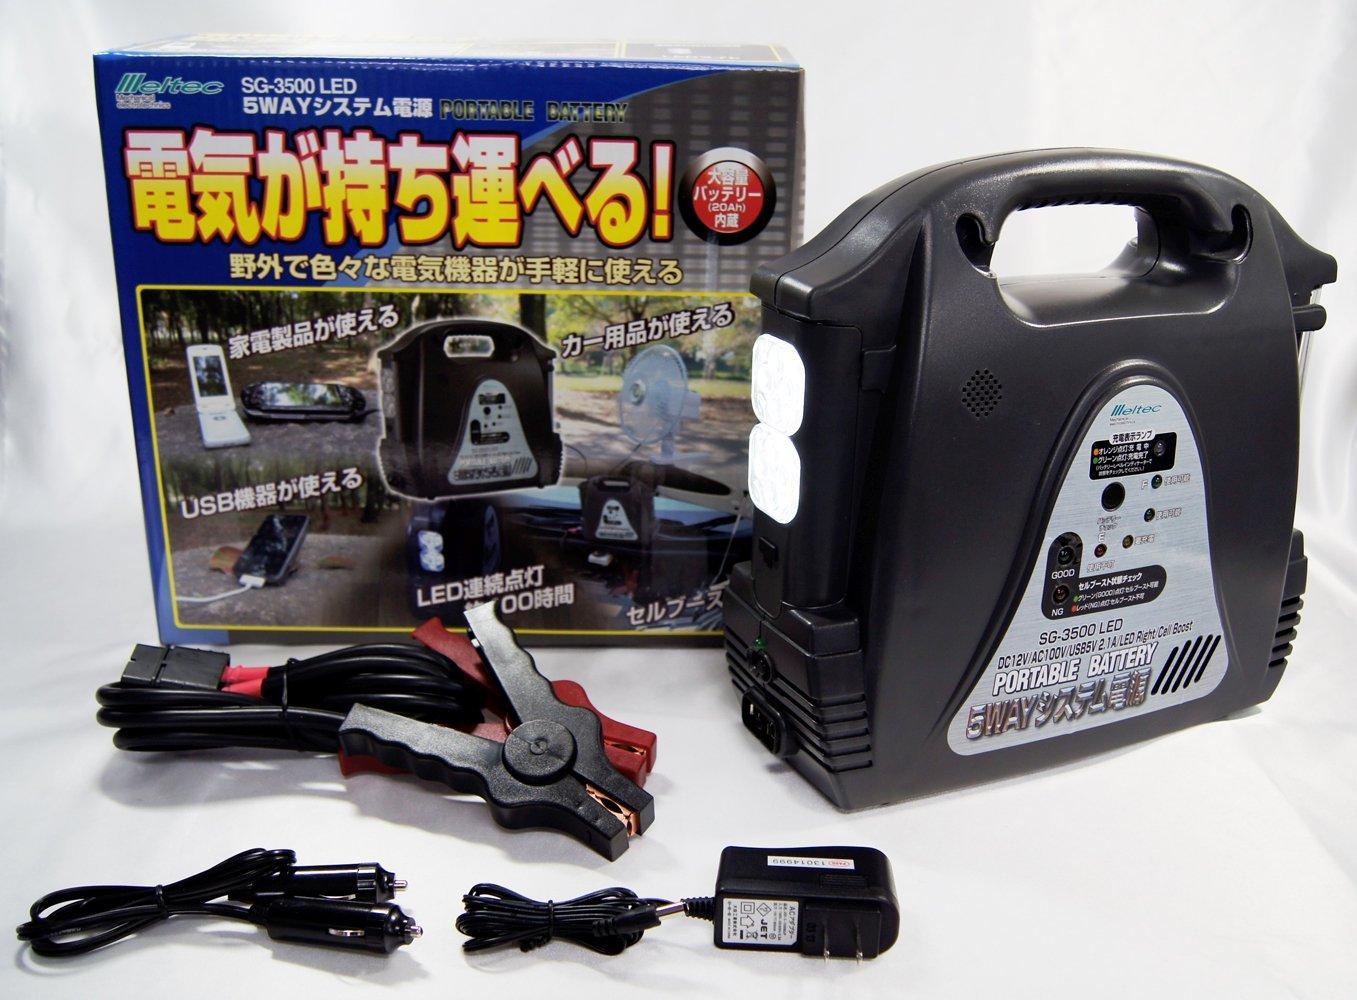 メルテック/大自工業5WAYシステム電源 ポータブル電源SG-3500LED【送料込】